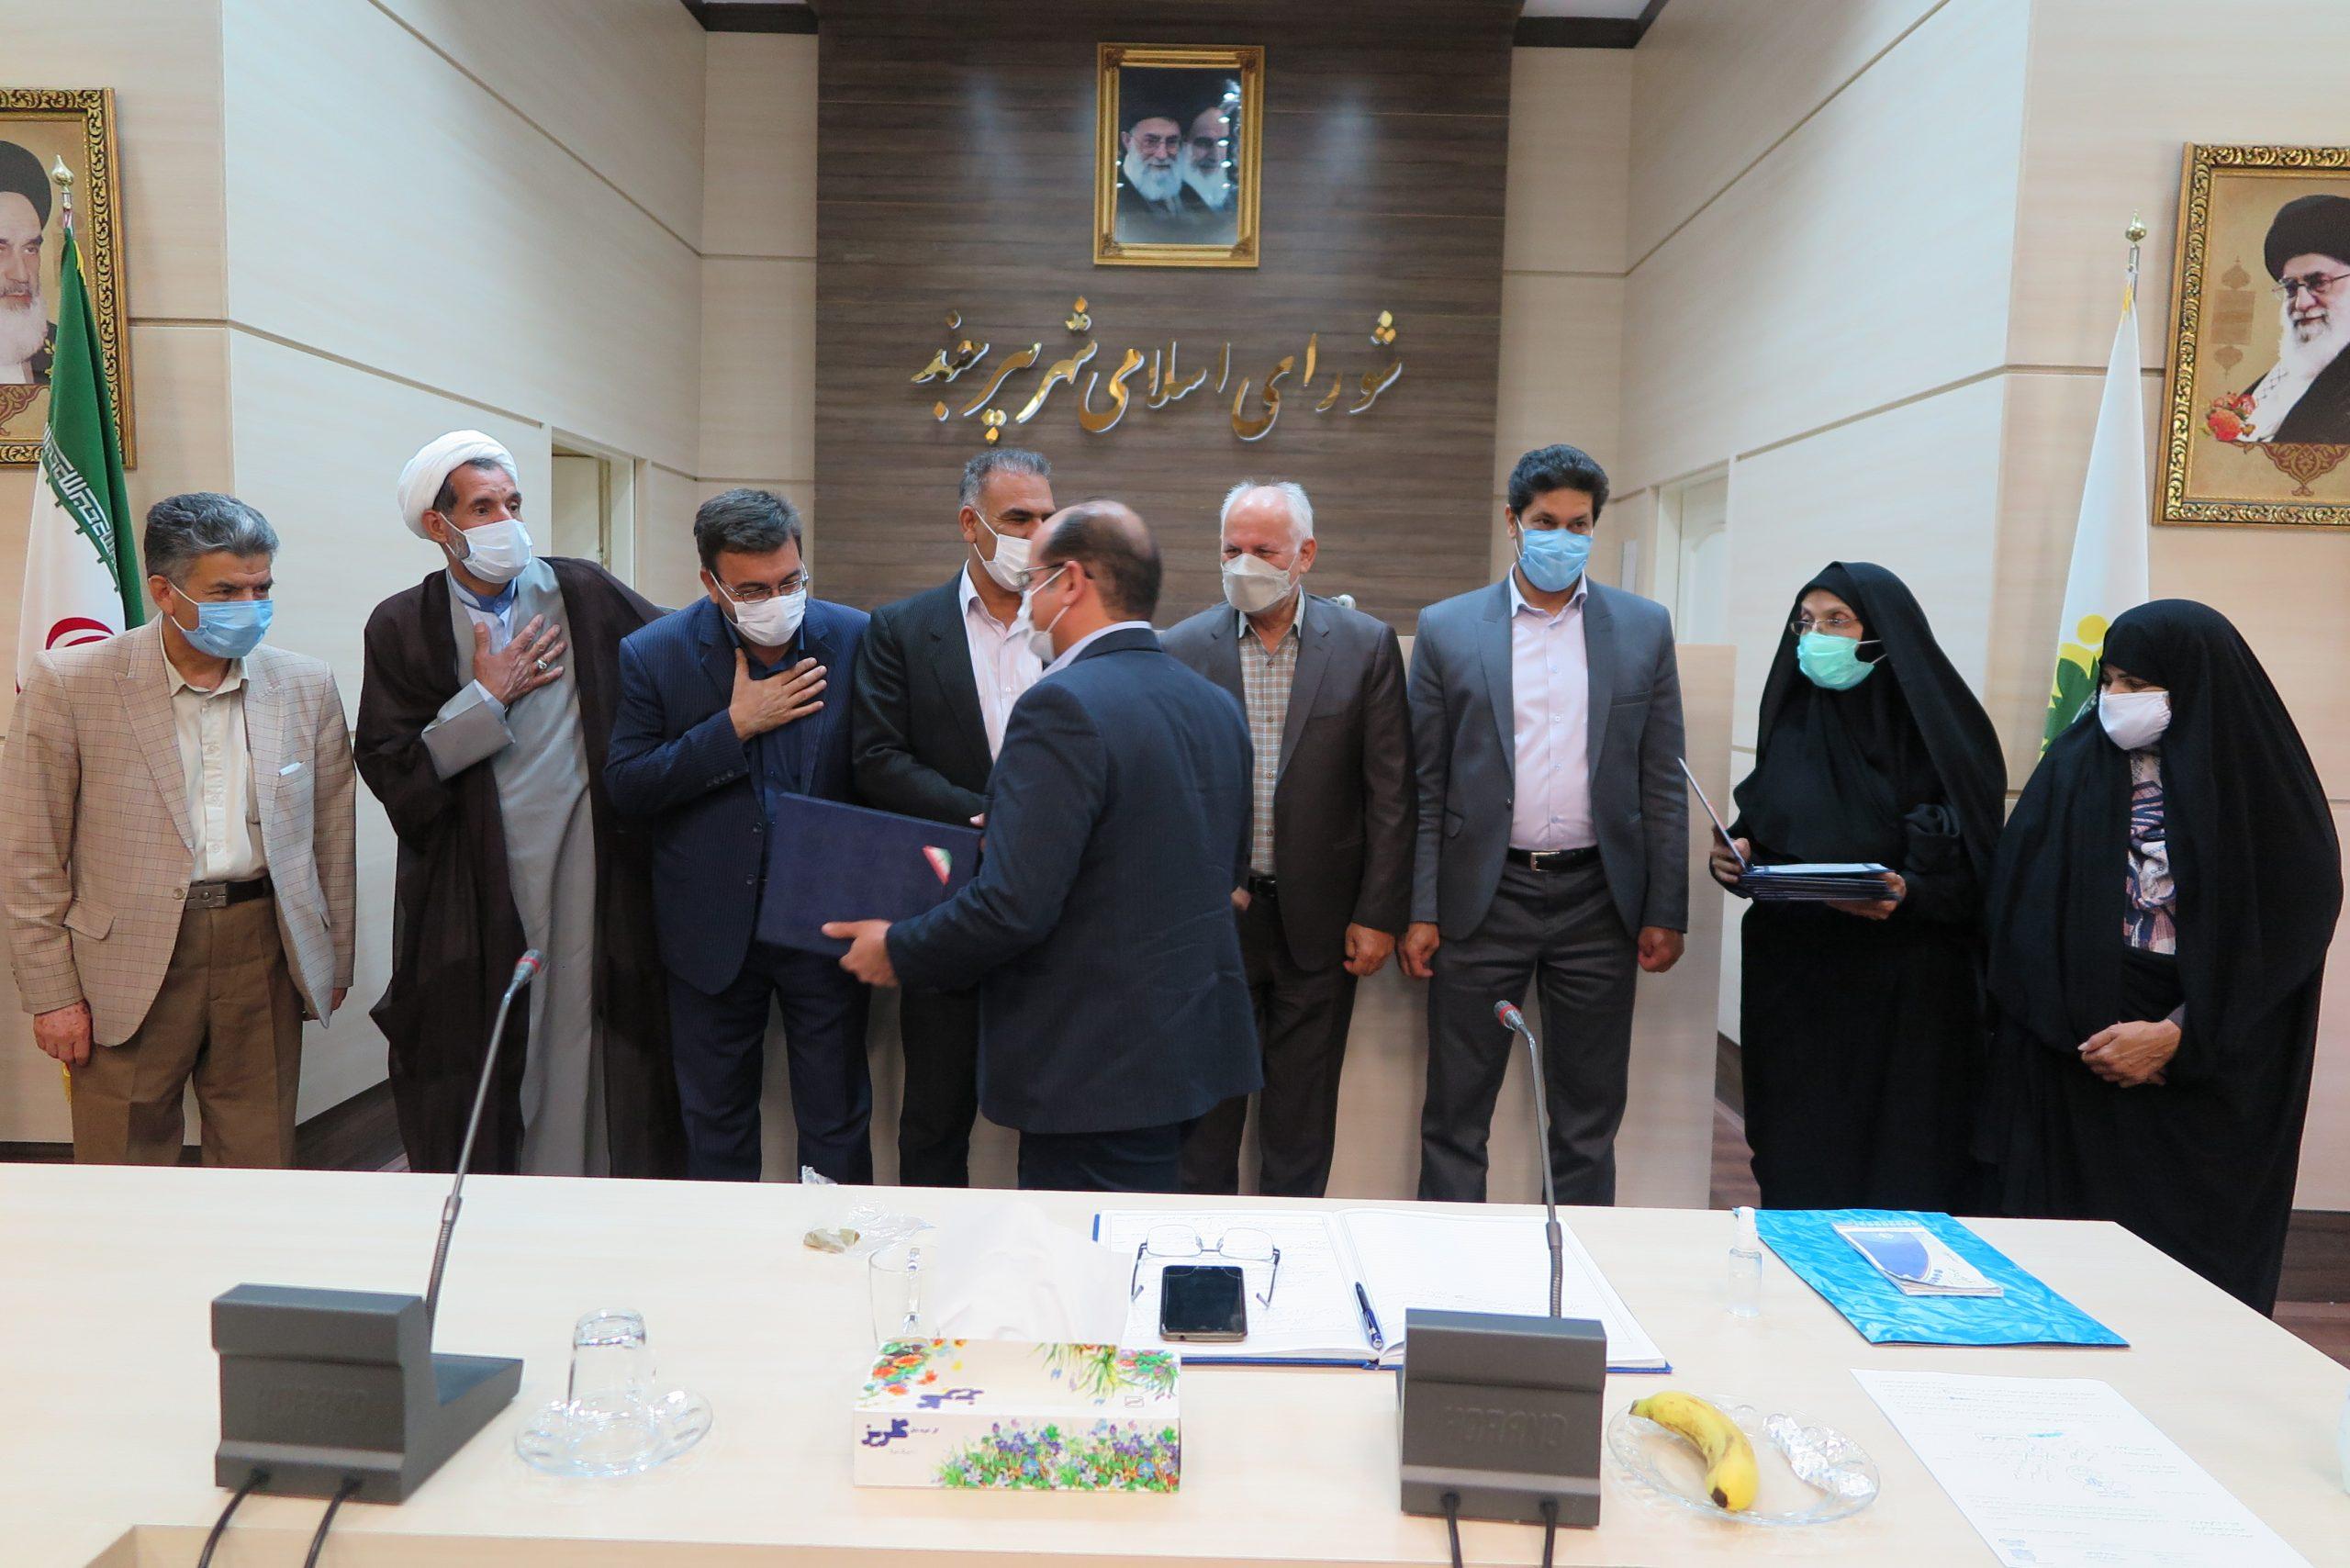 تقدیر شهردار و اعضای شورای اسلامی شهر بیرجند از مدیران پروژه فرهنگسرای شهر